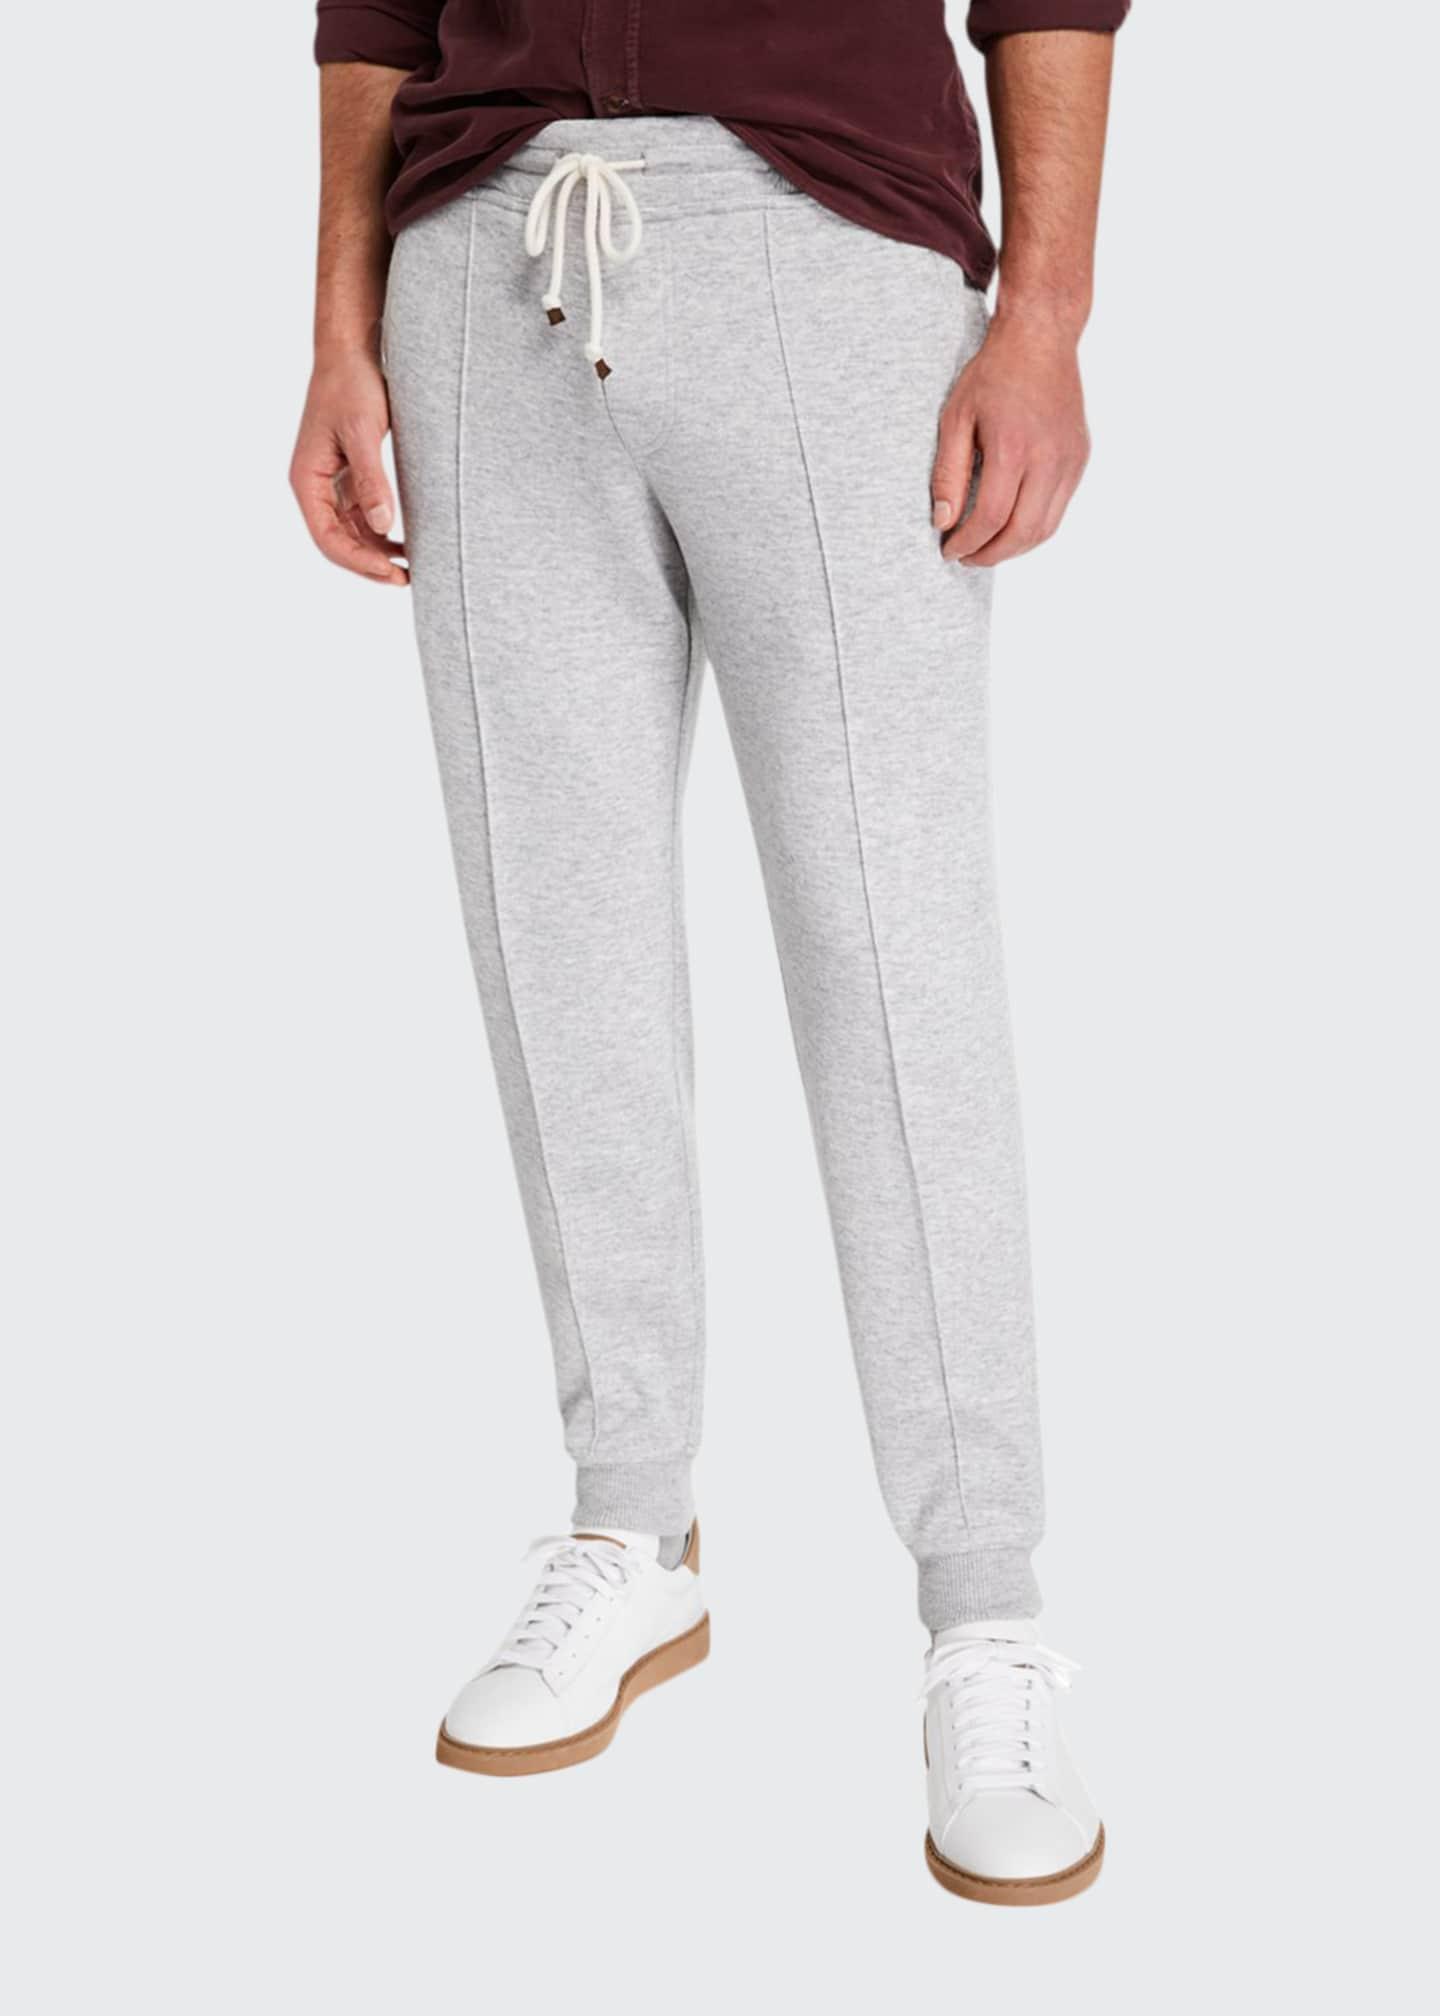 Brunello Cucinelli Men's Cashmere-Blend Spa Jogger Pants